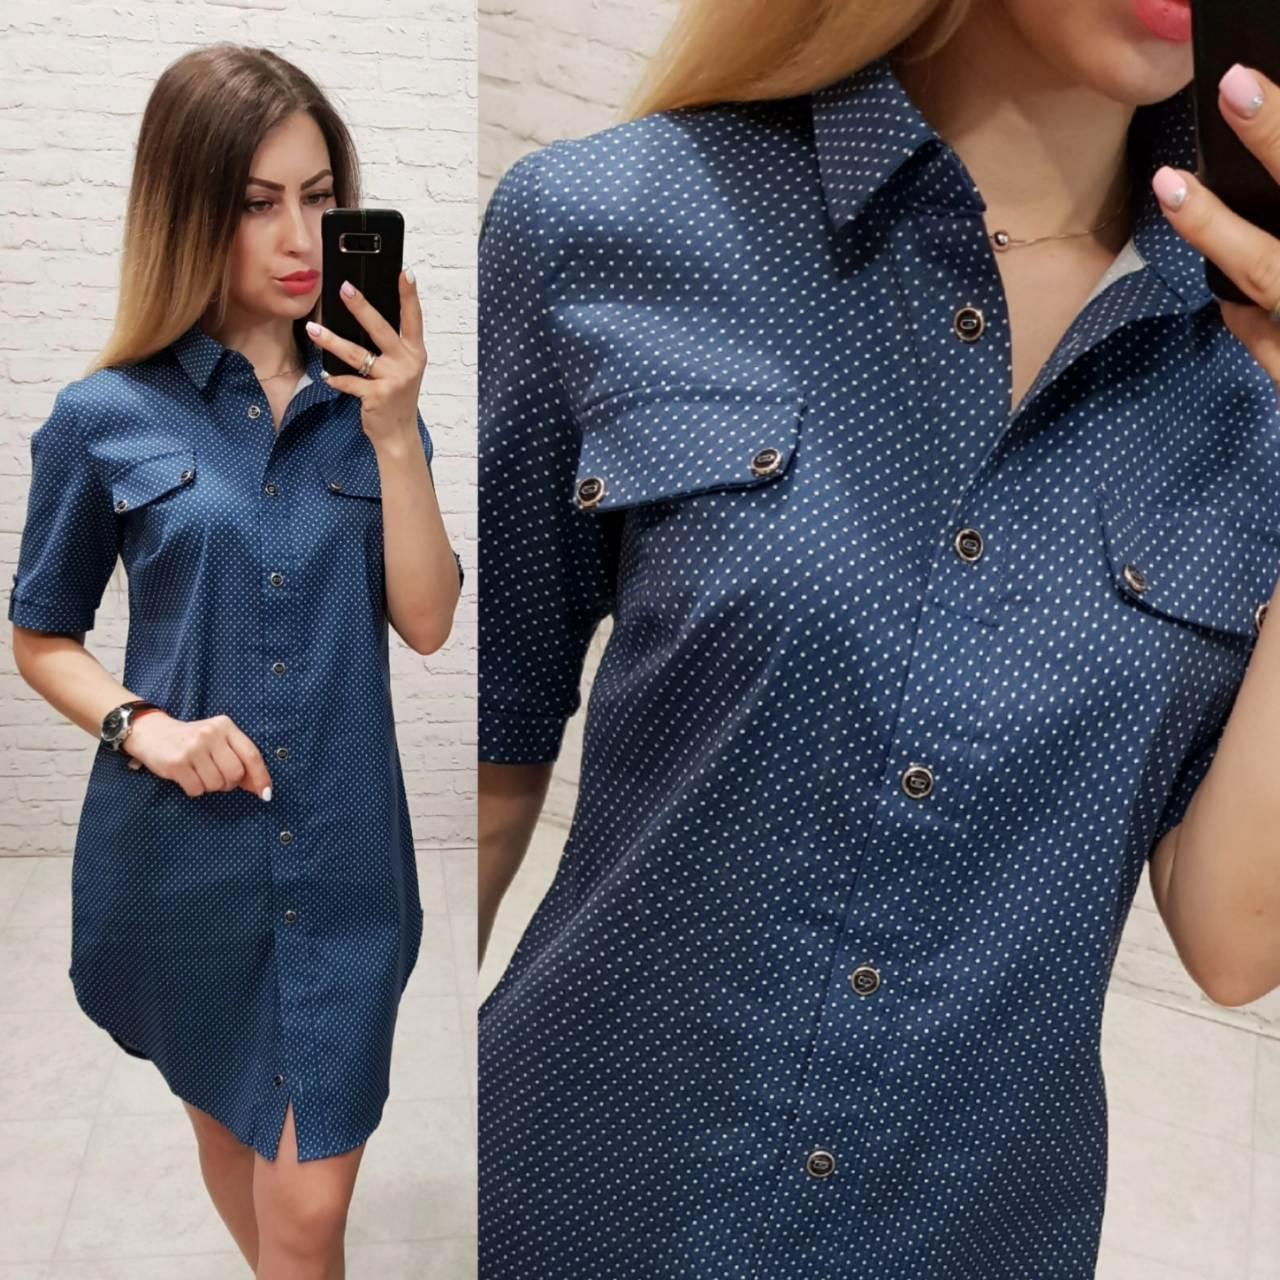 Платье- рубашка, арт 827, белый горошек, цвет темно-синий джинс